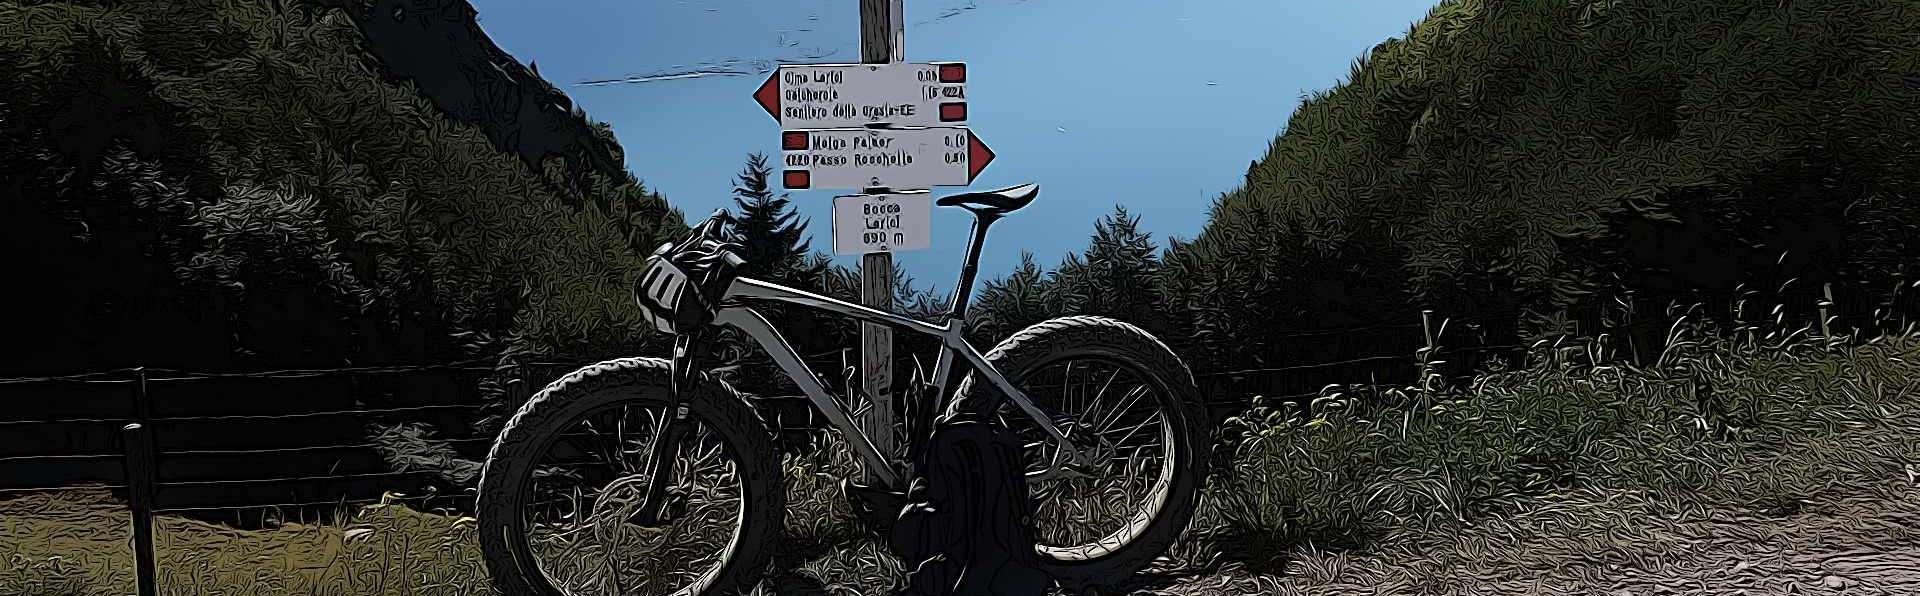 Radfahren am Gardasee - Radrouten im Trentino